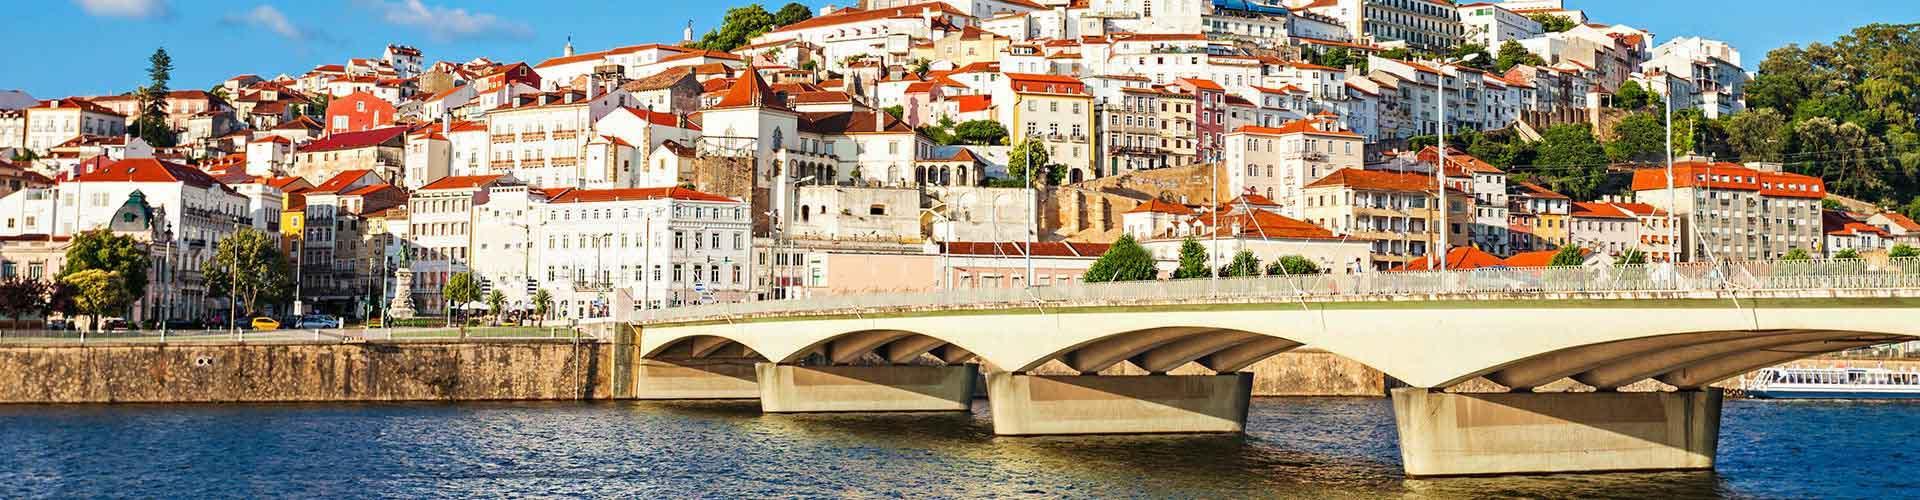 Coimbra - Campamentos en Coimbra. Mapas de Coimbra, Fotos y comentarios de cada Campamento en Coimbra.